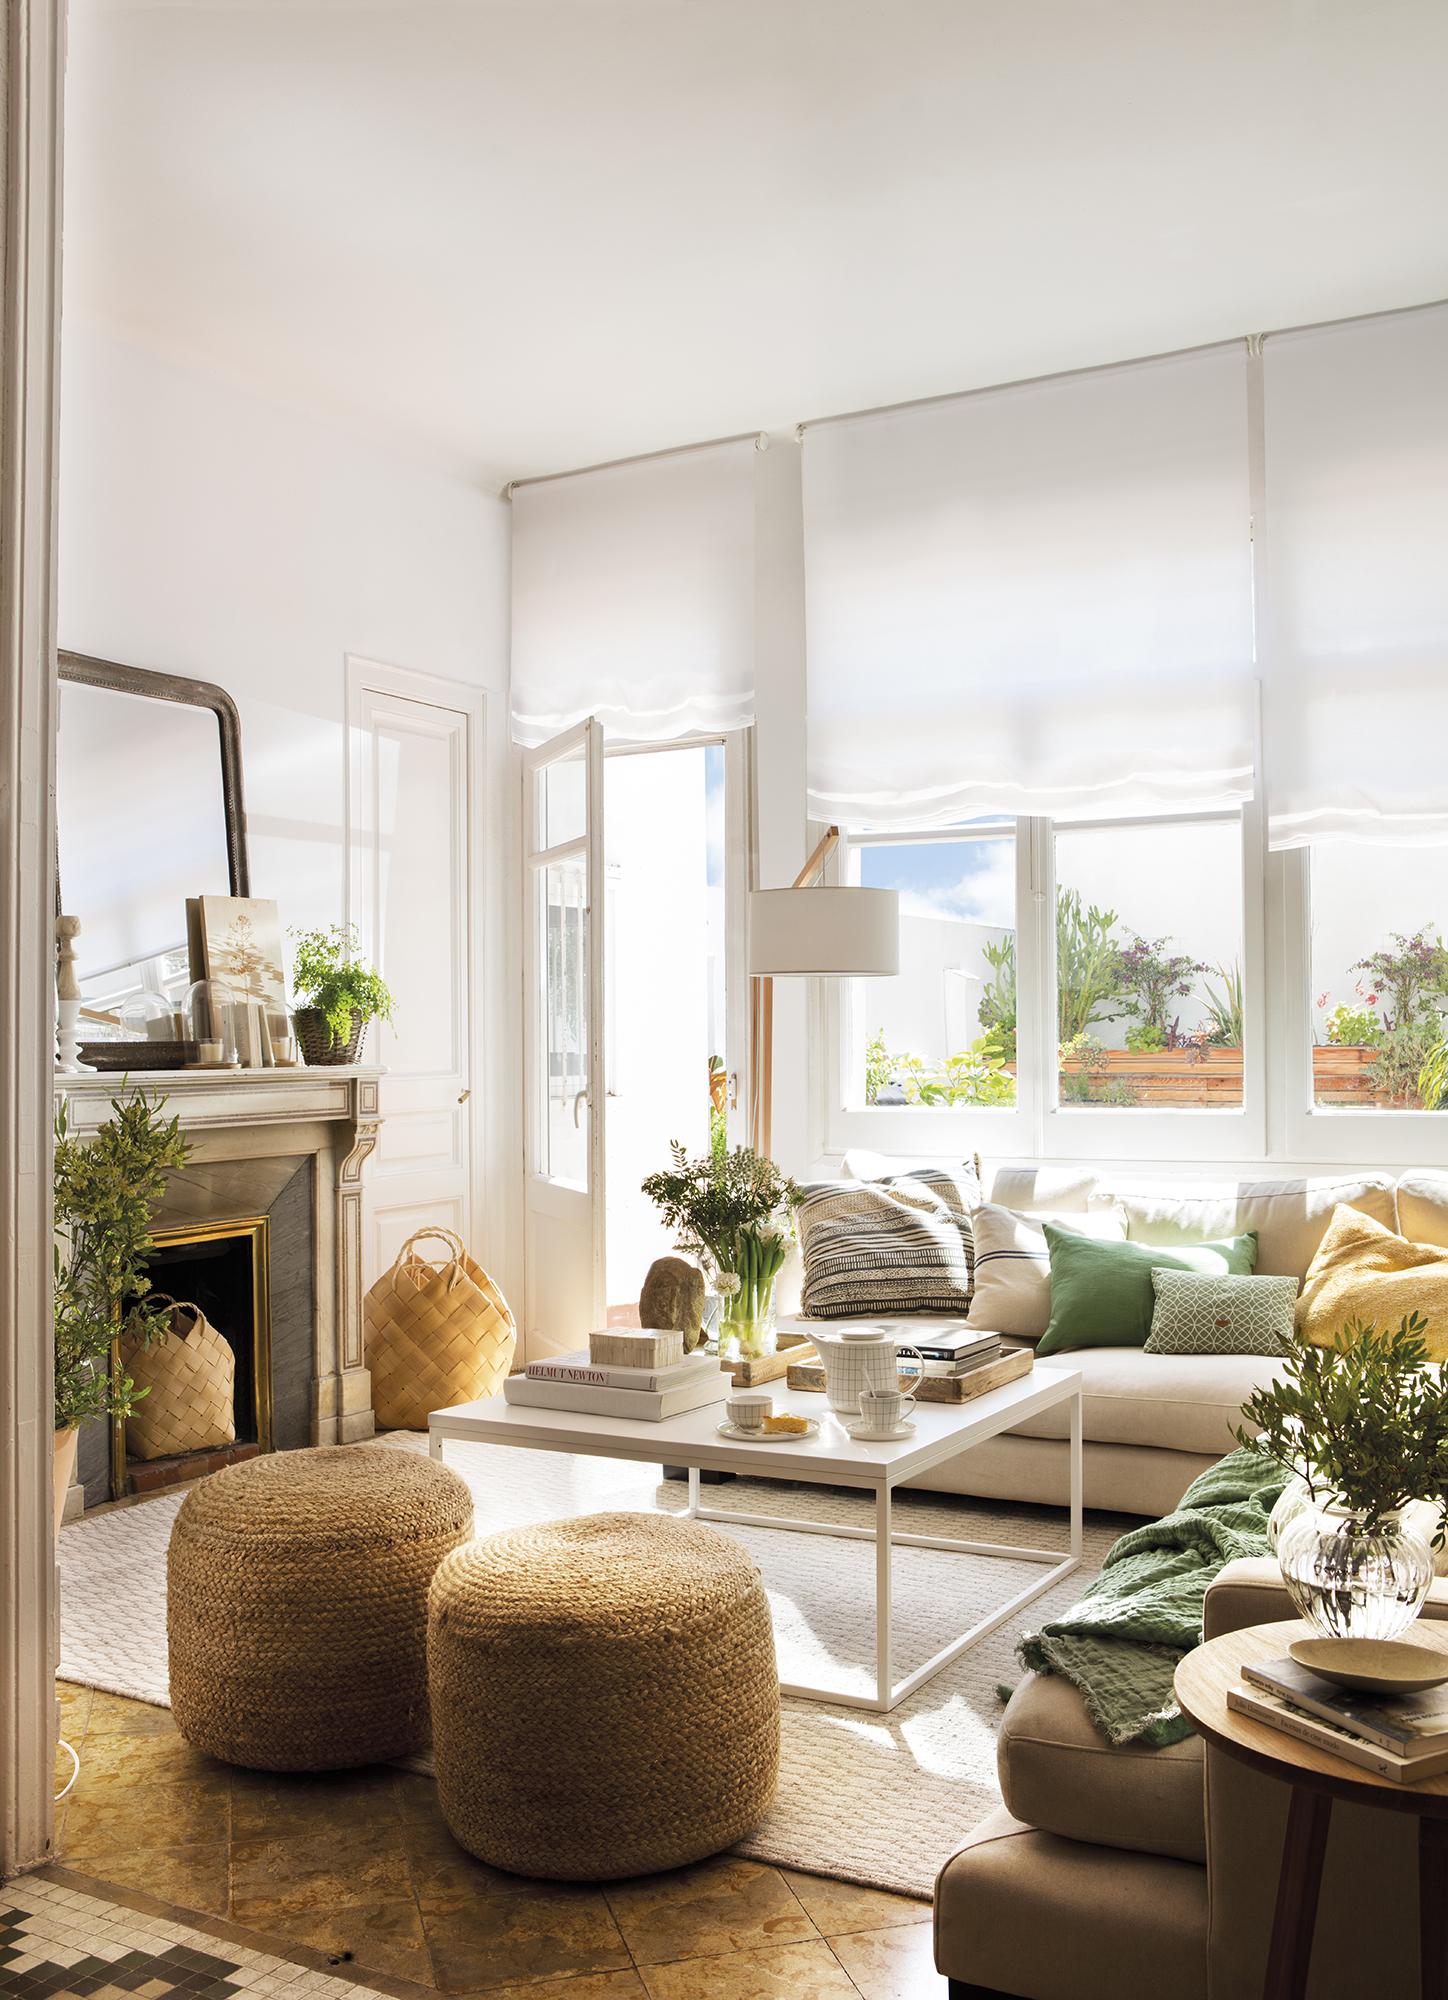 Pano 0893-0897. Pequeño salón en tonos claros con chimenea y con salida a la terraza_ 0893-0897